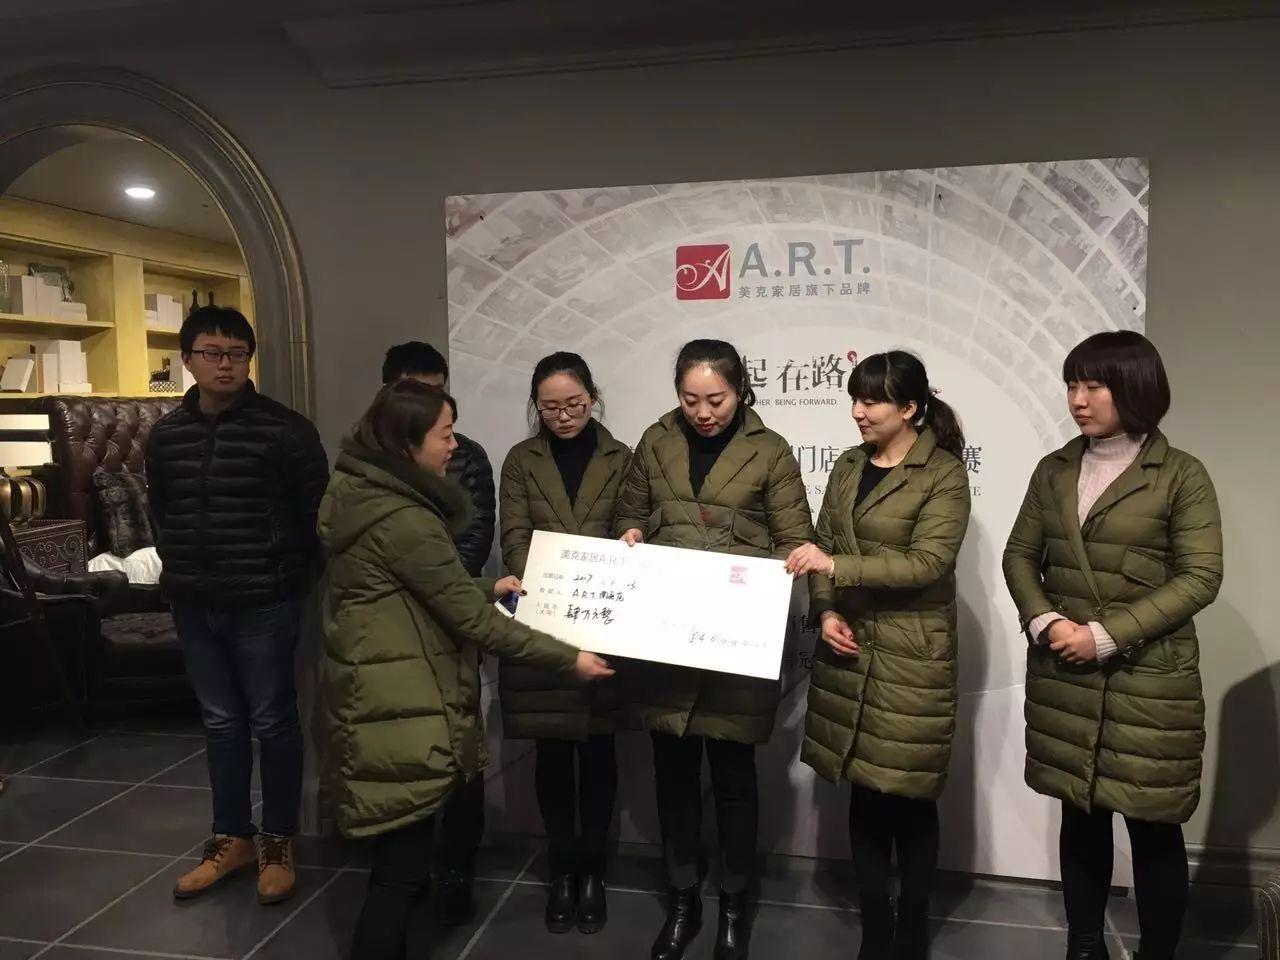 热烈恭喜南通美克A.R.T.团队荣获B类都会第四序度亚军&11月份冠军!